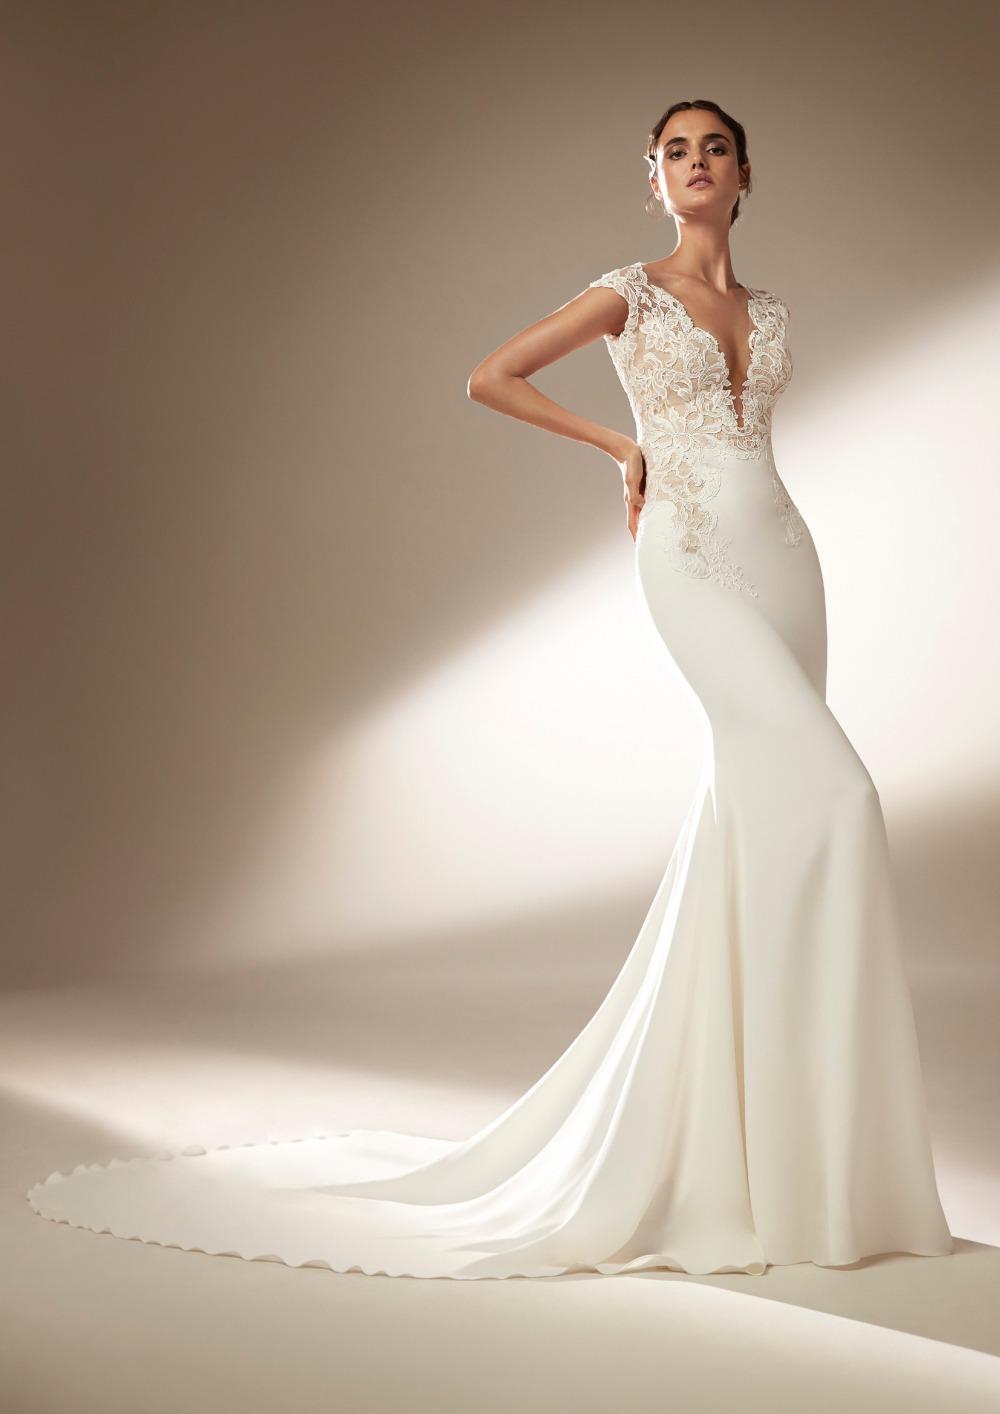 Atelier Pronovias * Svadobné šaty z kolekcie na 2021 - Obrázok č. 7